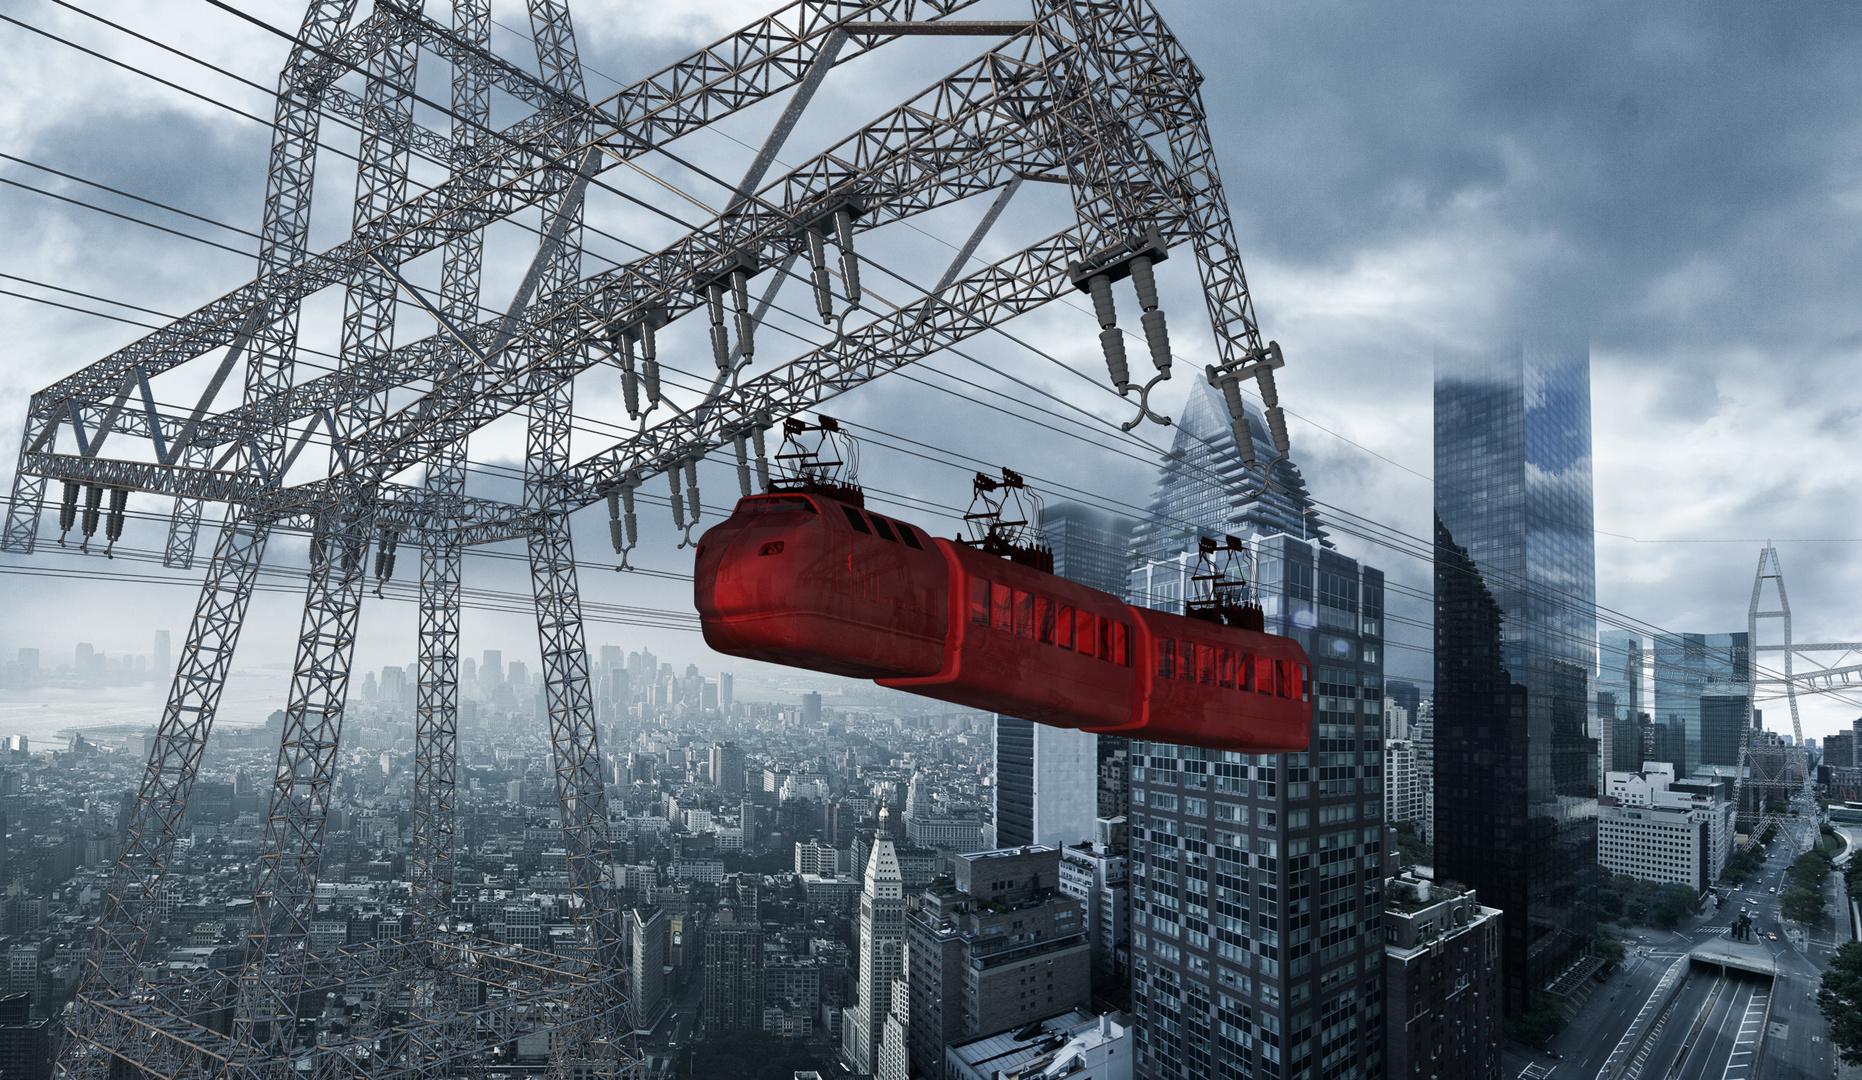 Skytrain Workshop (Uli Staiger)